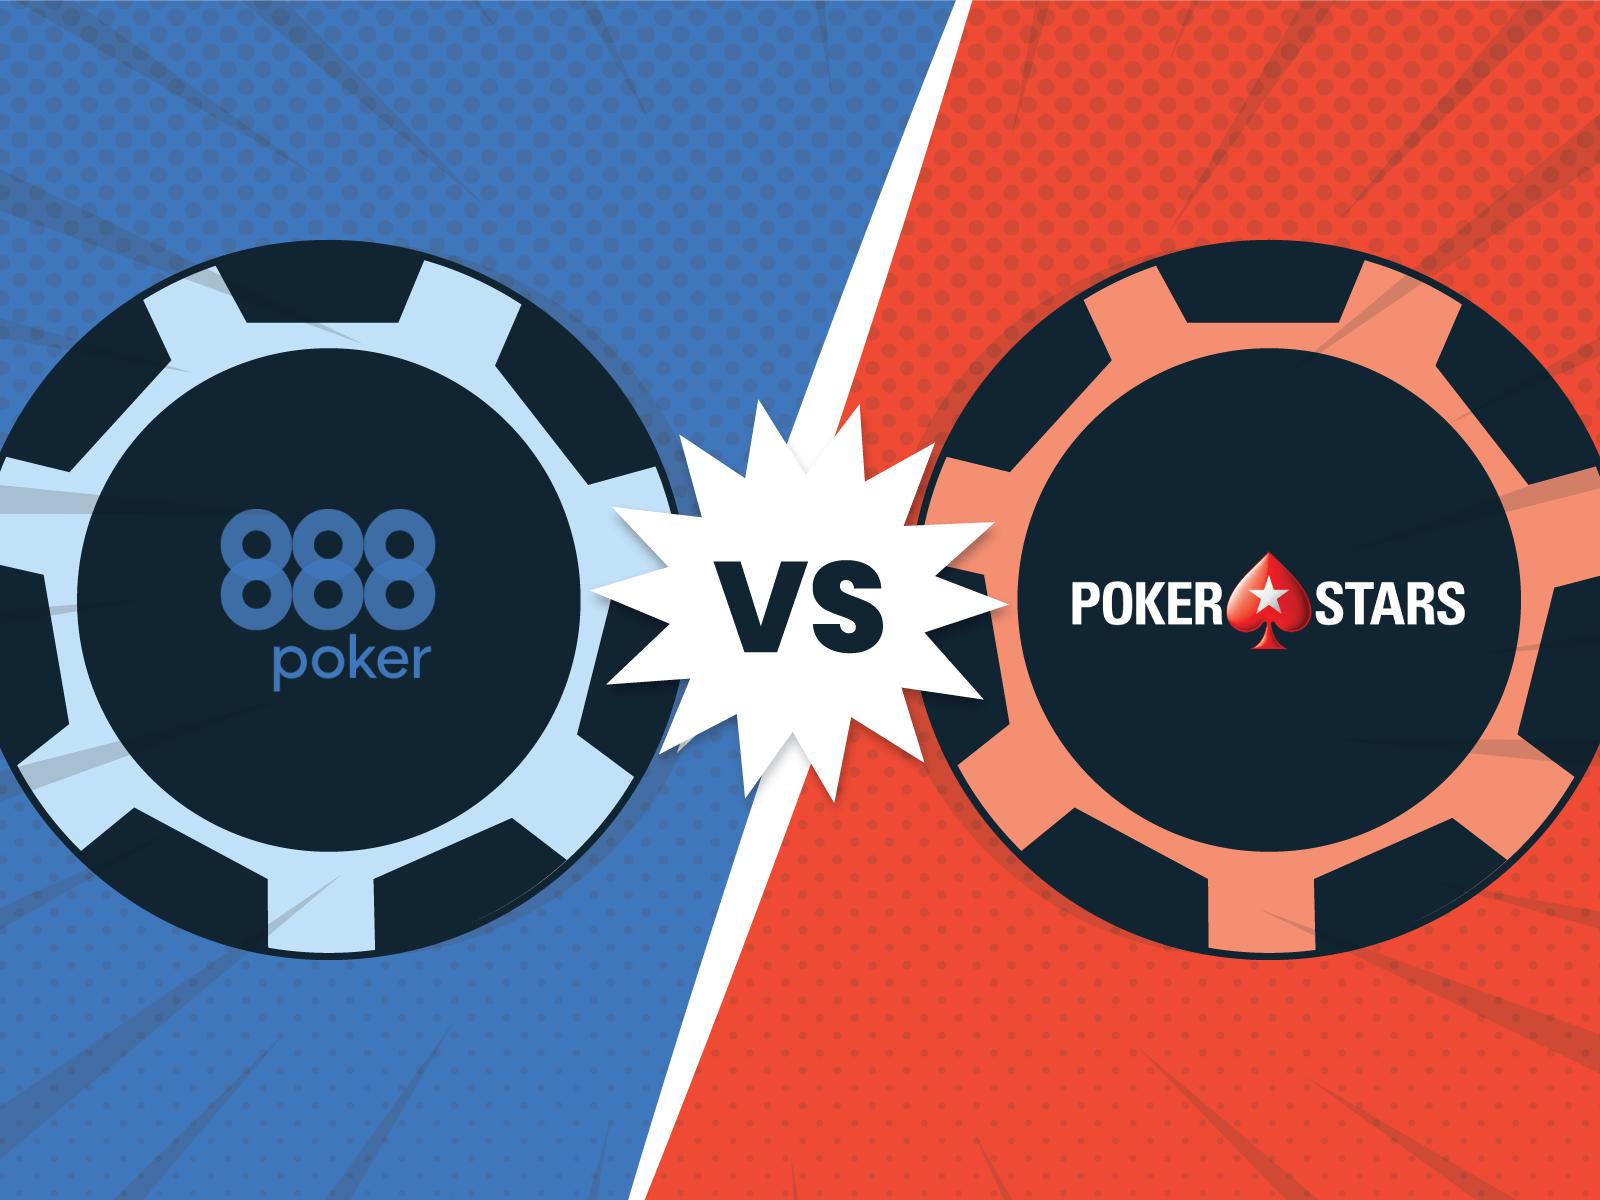 PokerStars vs 888poker – Which Is Better?